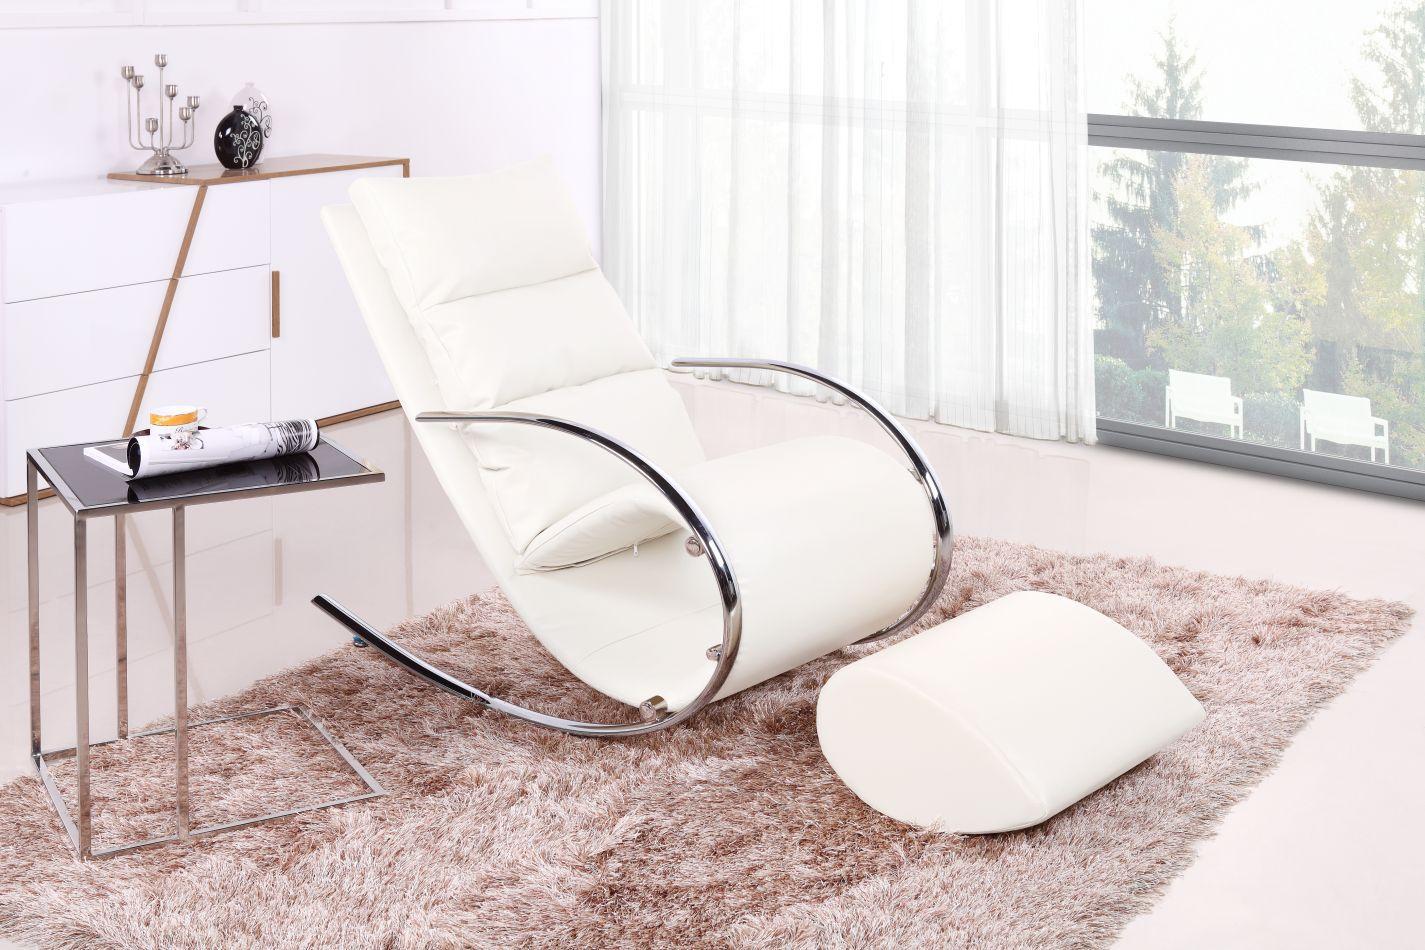 Schaukelstuhl mit Hocker Luanda 28, Farbe: Weiß - Abmessungen: 111 x 67 x 102 cm (H x B x T)